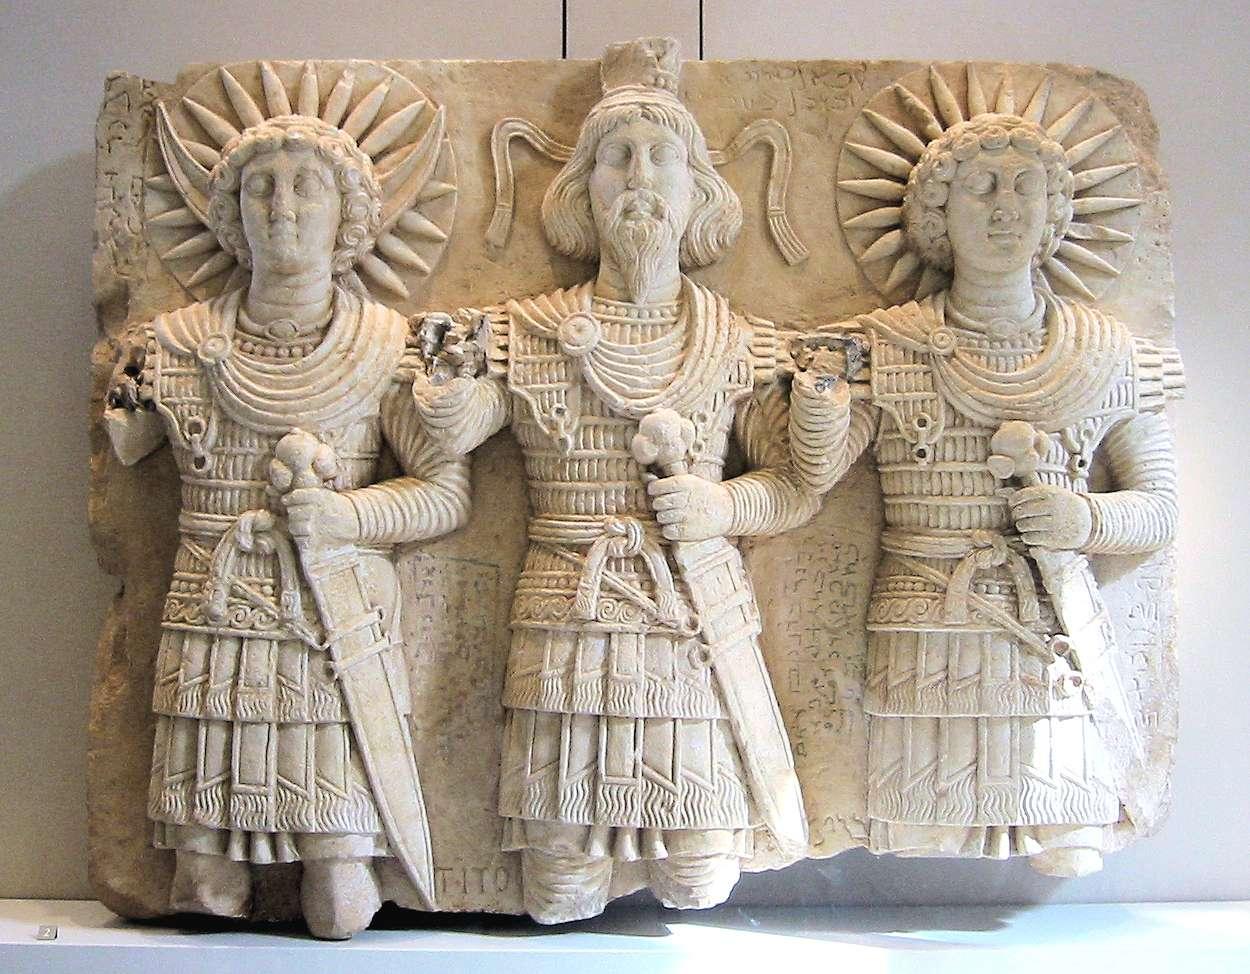 Θεότητες που λατρεύονταν στην Παλμύρα. Από αριστερά: ο σεληνιακός θεός Aglibol, ο υπέρτατος θεός Beelshamen και ο ηλιακός θεός Malakbel. 1ος αι. μ.Χ., Μουσείο του Λούβρου.